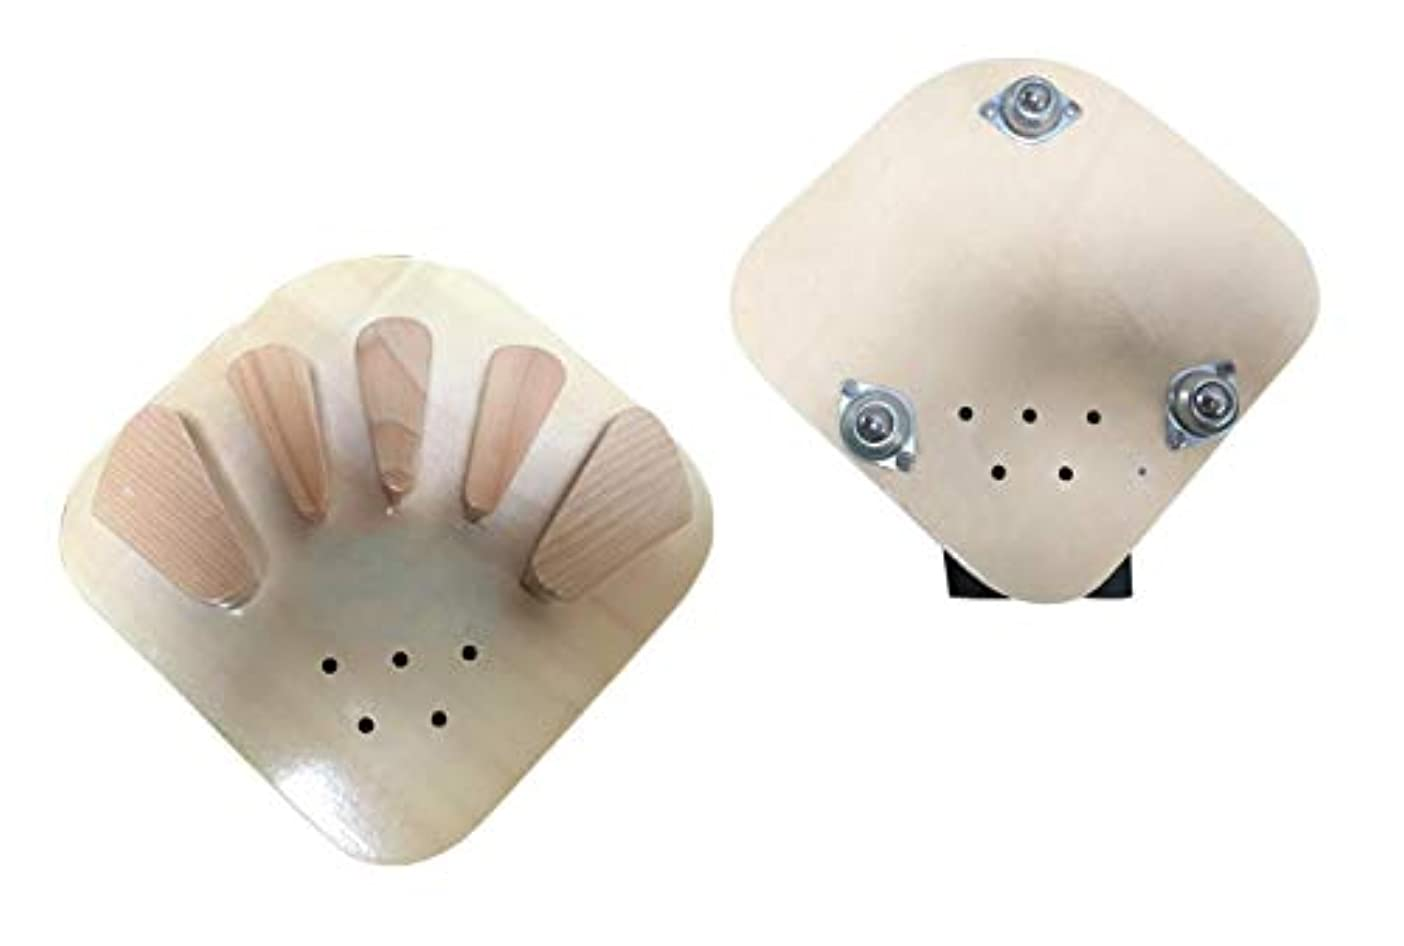 リダクターランタン泣いている木製指装具指板片麻痺脳卒中ハンドスプリントトレーニングサポート、キャスター付き、小